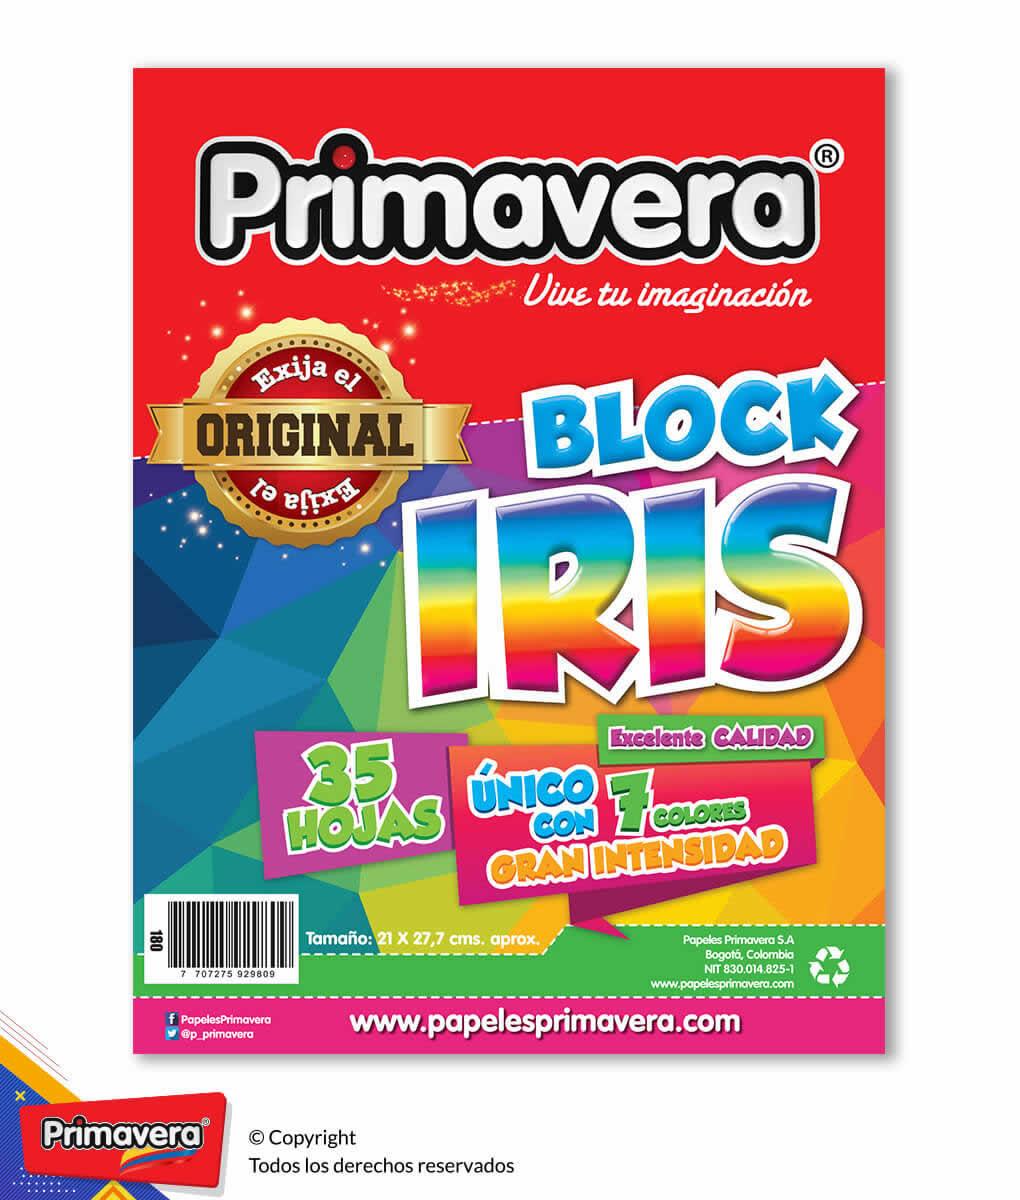 BLOCK CARTA IRIS 180 PRIMAVERA_1